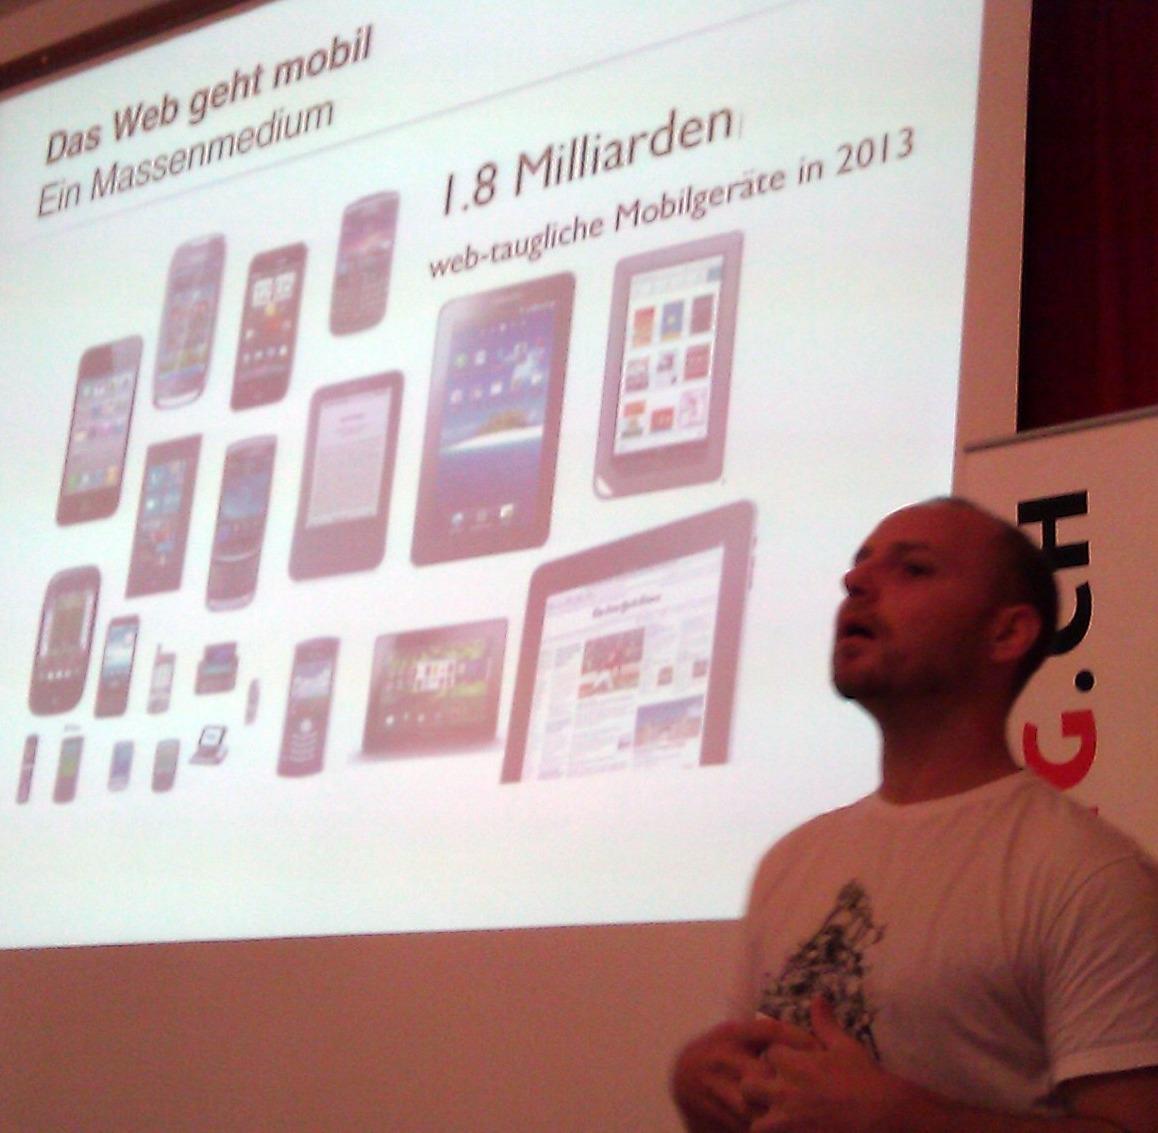 mobiles-web-massenmedium-milliarden-web-taugliche-mobilgeraete bis im Jahr 2013